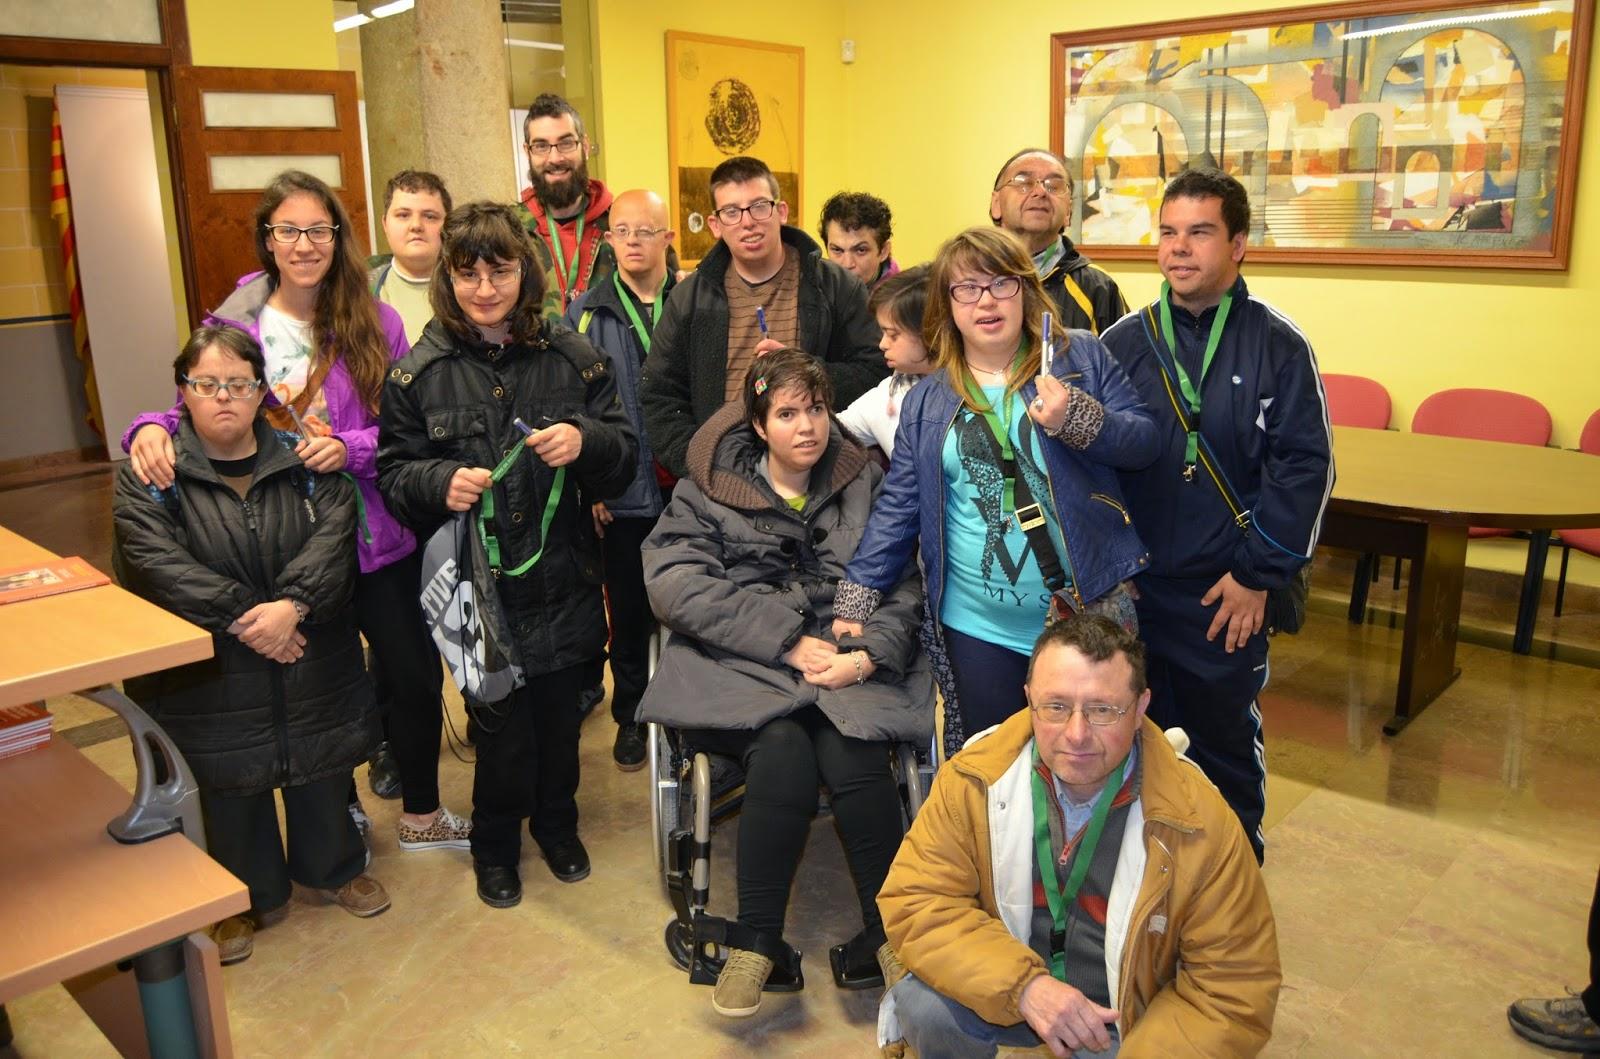 Centro de estudios borjanos visita de los alumnos del - Talleres zaragoza ...